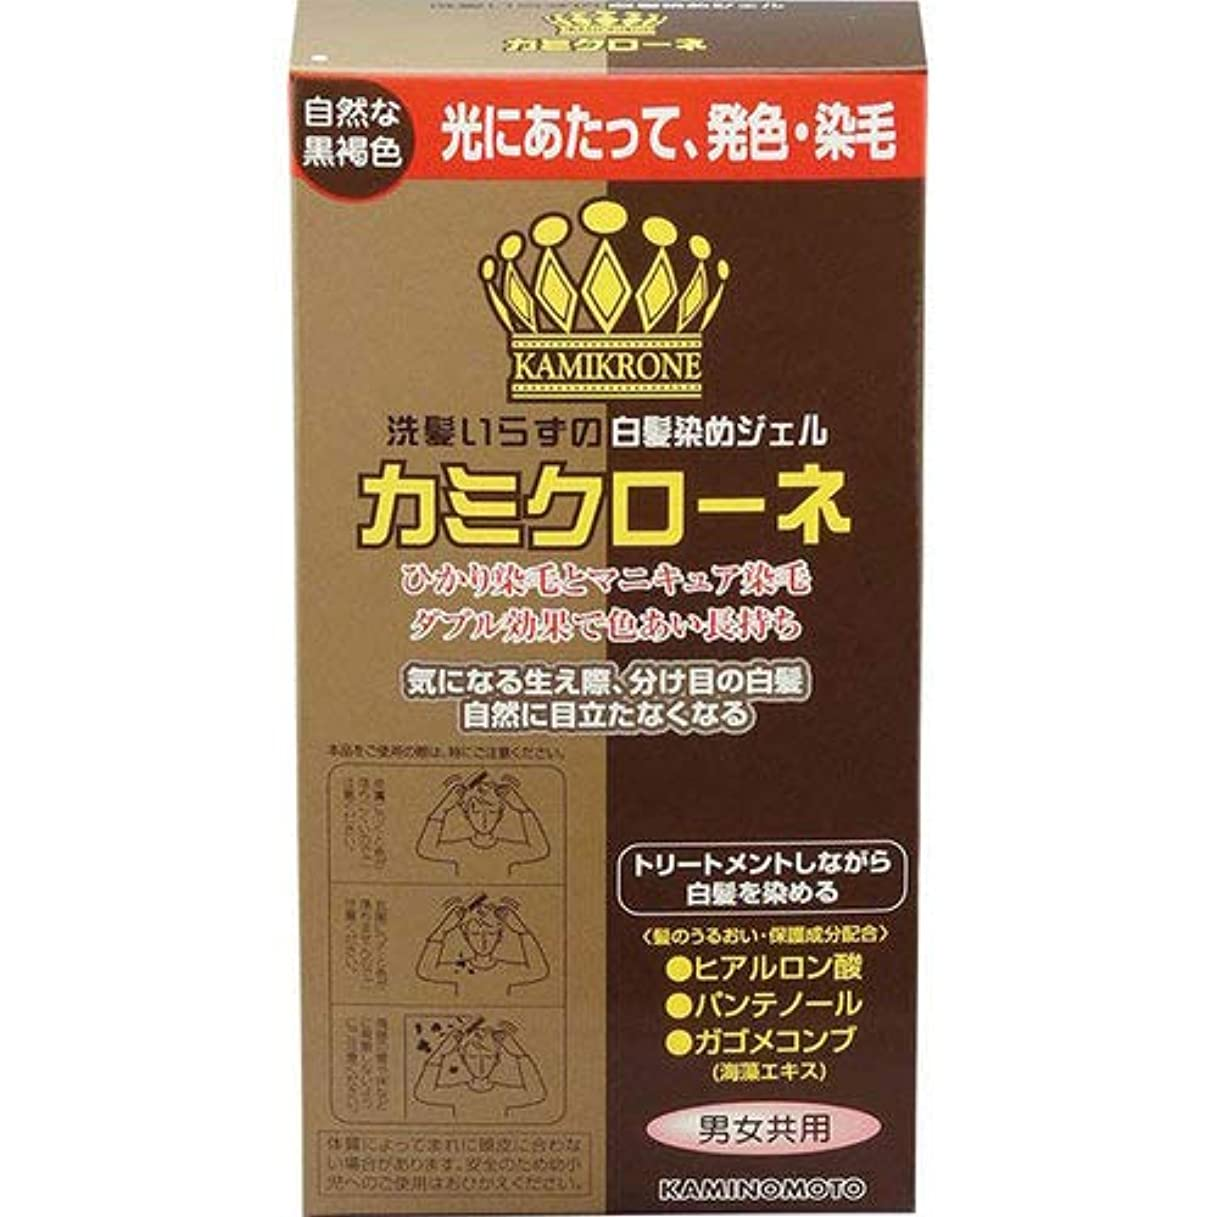 蜜溶融信念カミクローネ(DB)自然な黒褐色